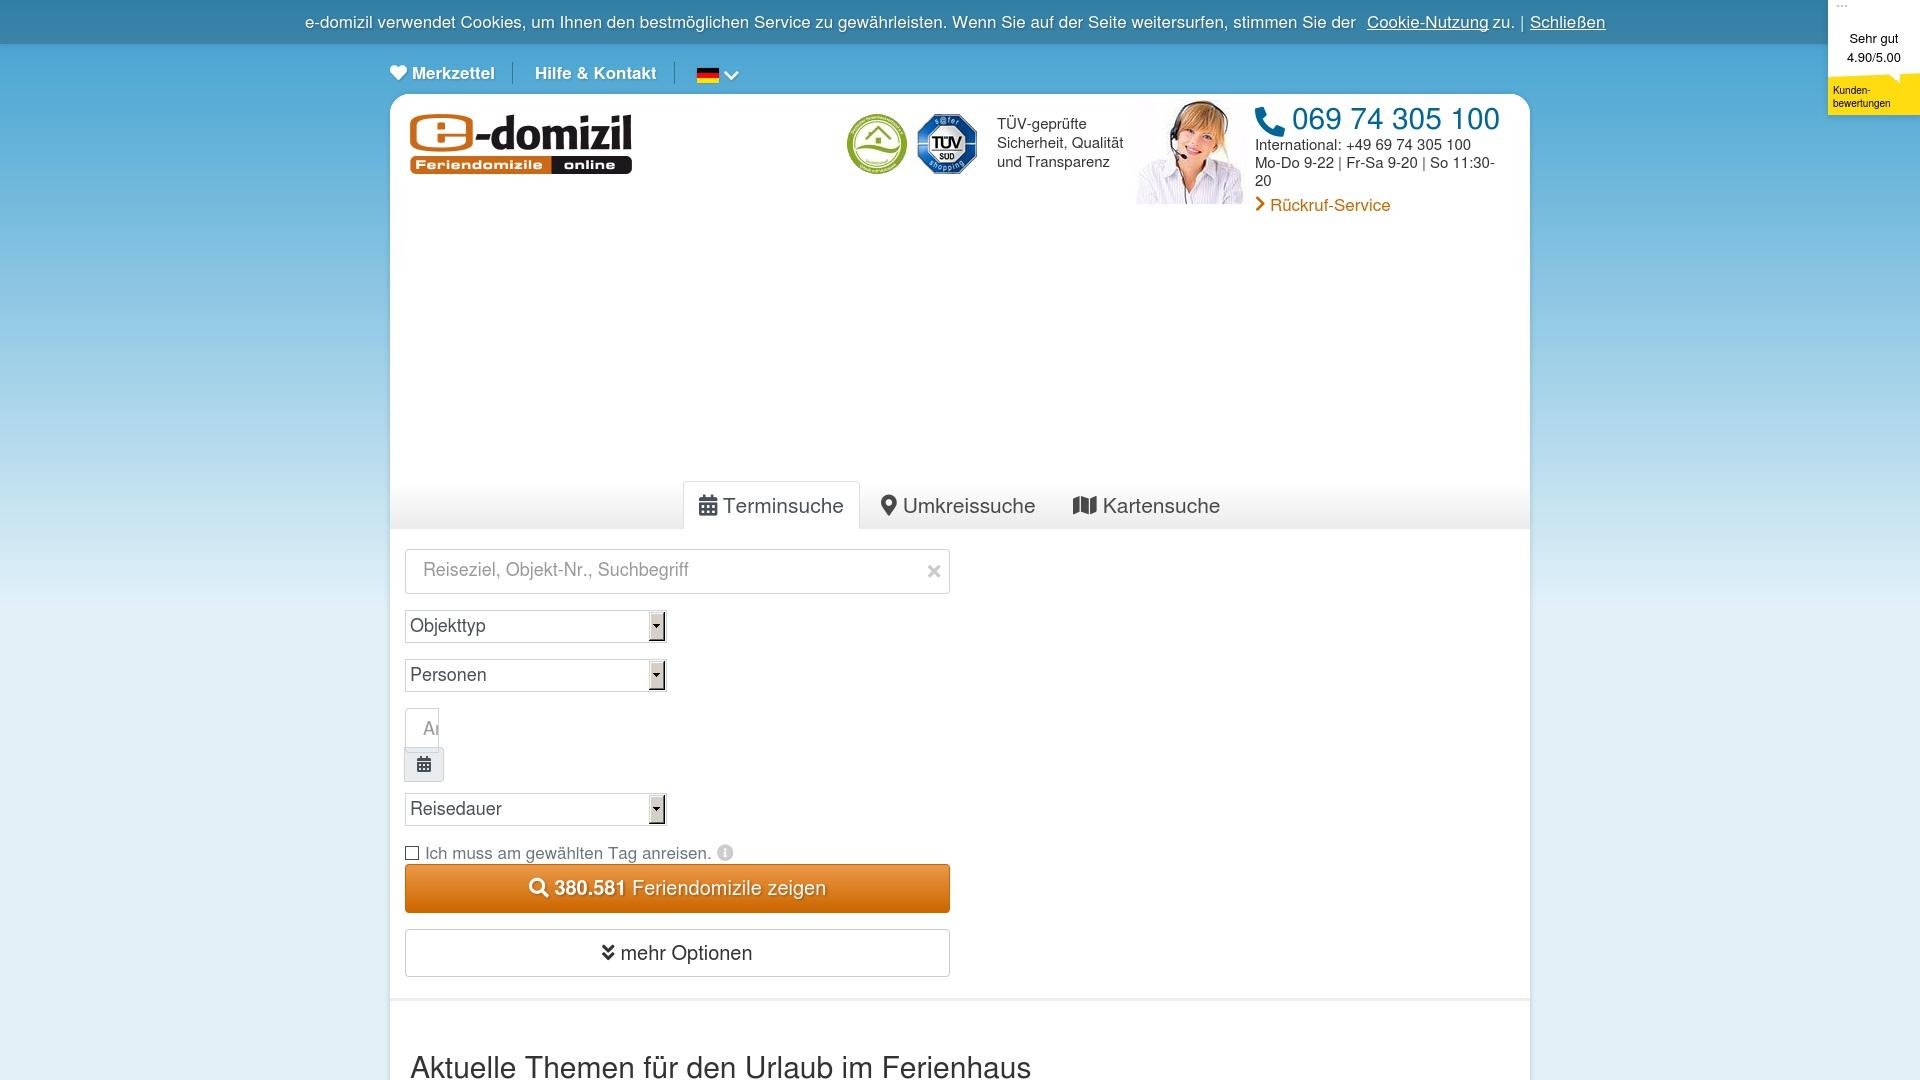 Gutschein für E-domizil: Rabatte für  E-domizil sichern